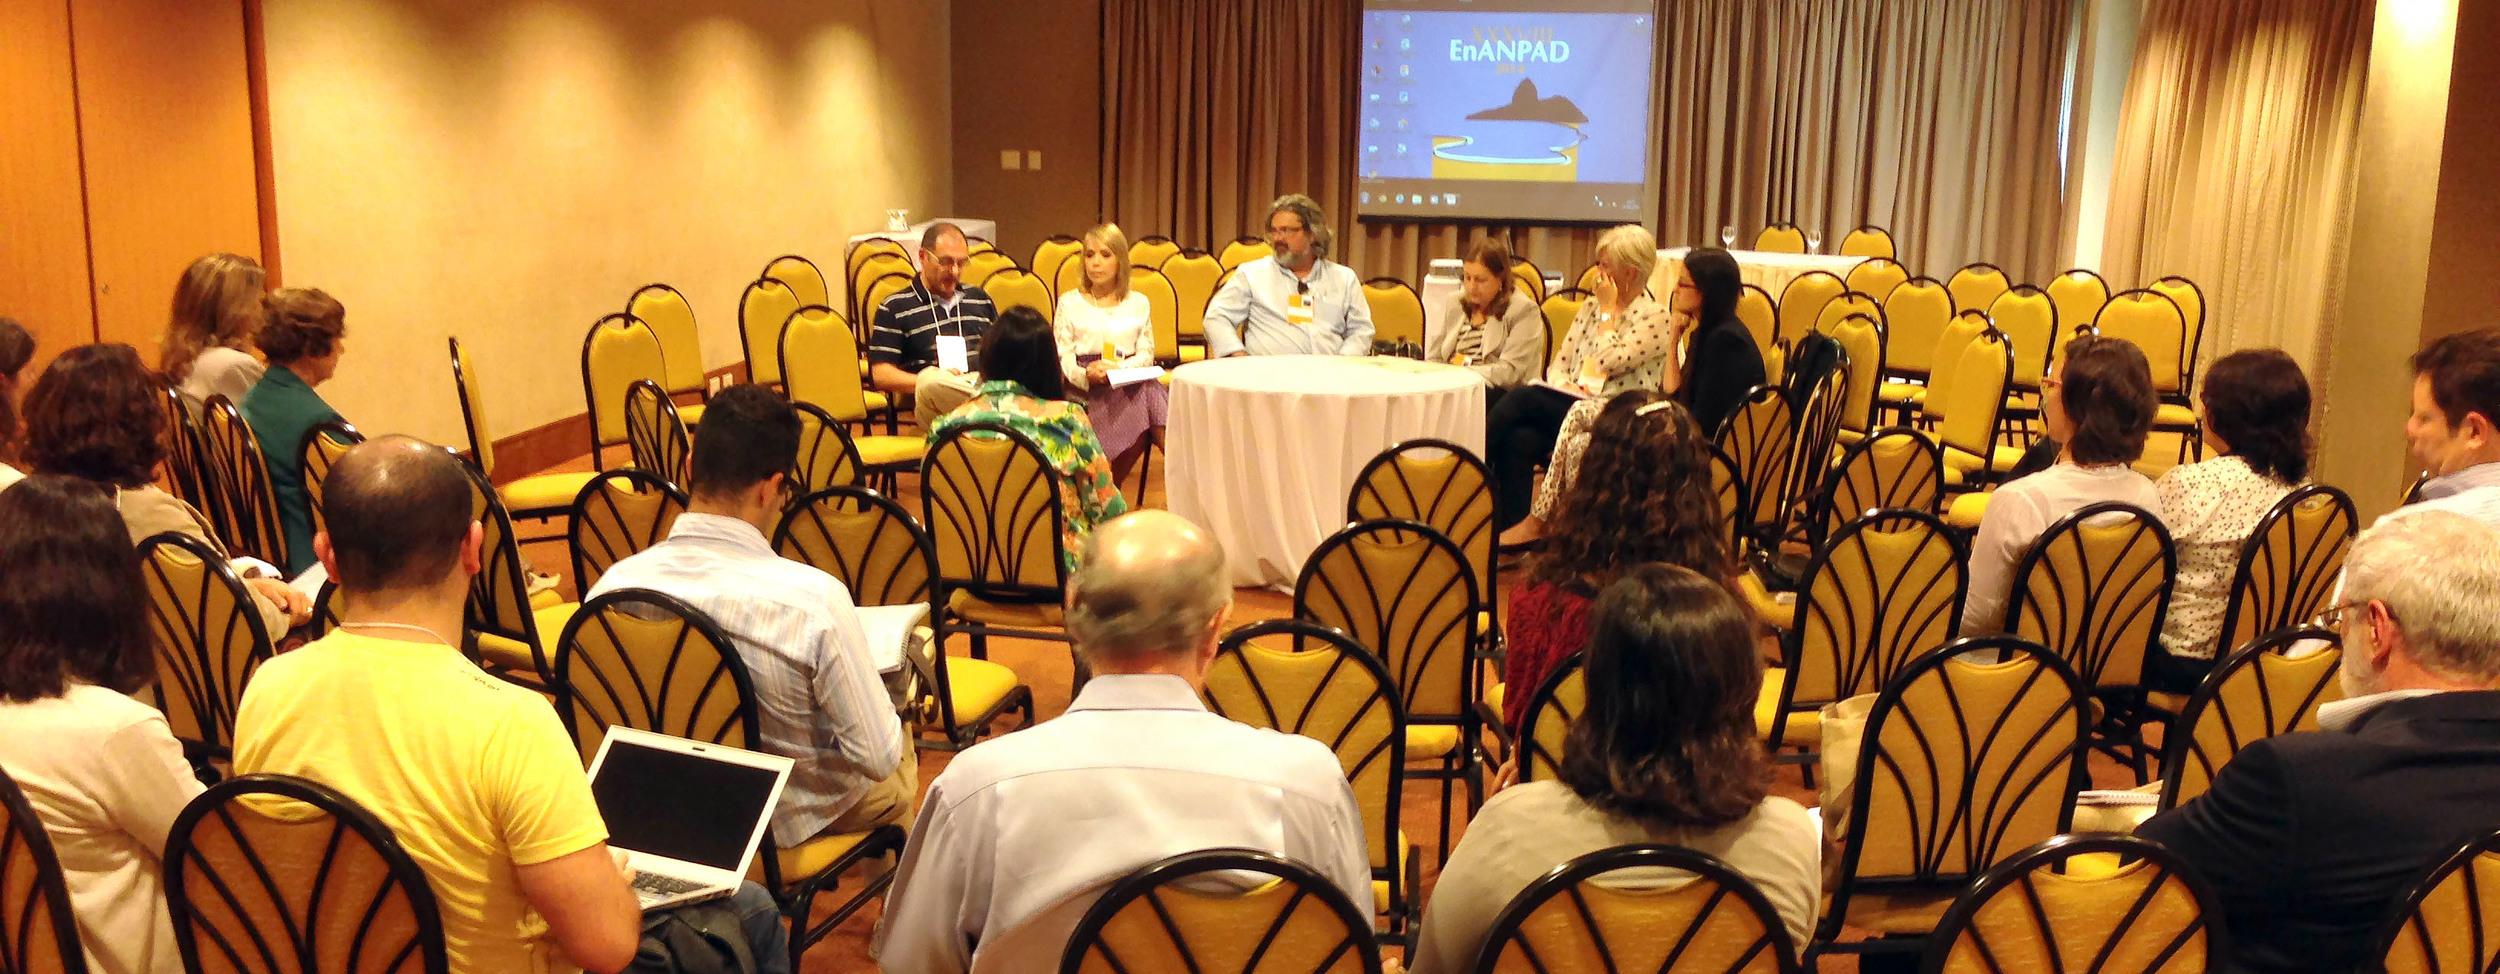 O EnANPAD 2014 foi realizado entre 14 e 17 de setembro na cidade do Rio de Janeiro-RJ. Foto: Aleksandra Santos / Arquivo pessoal